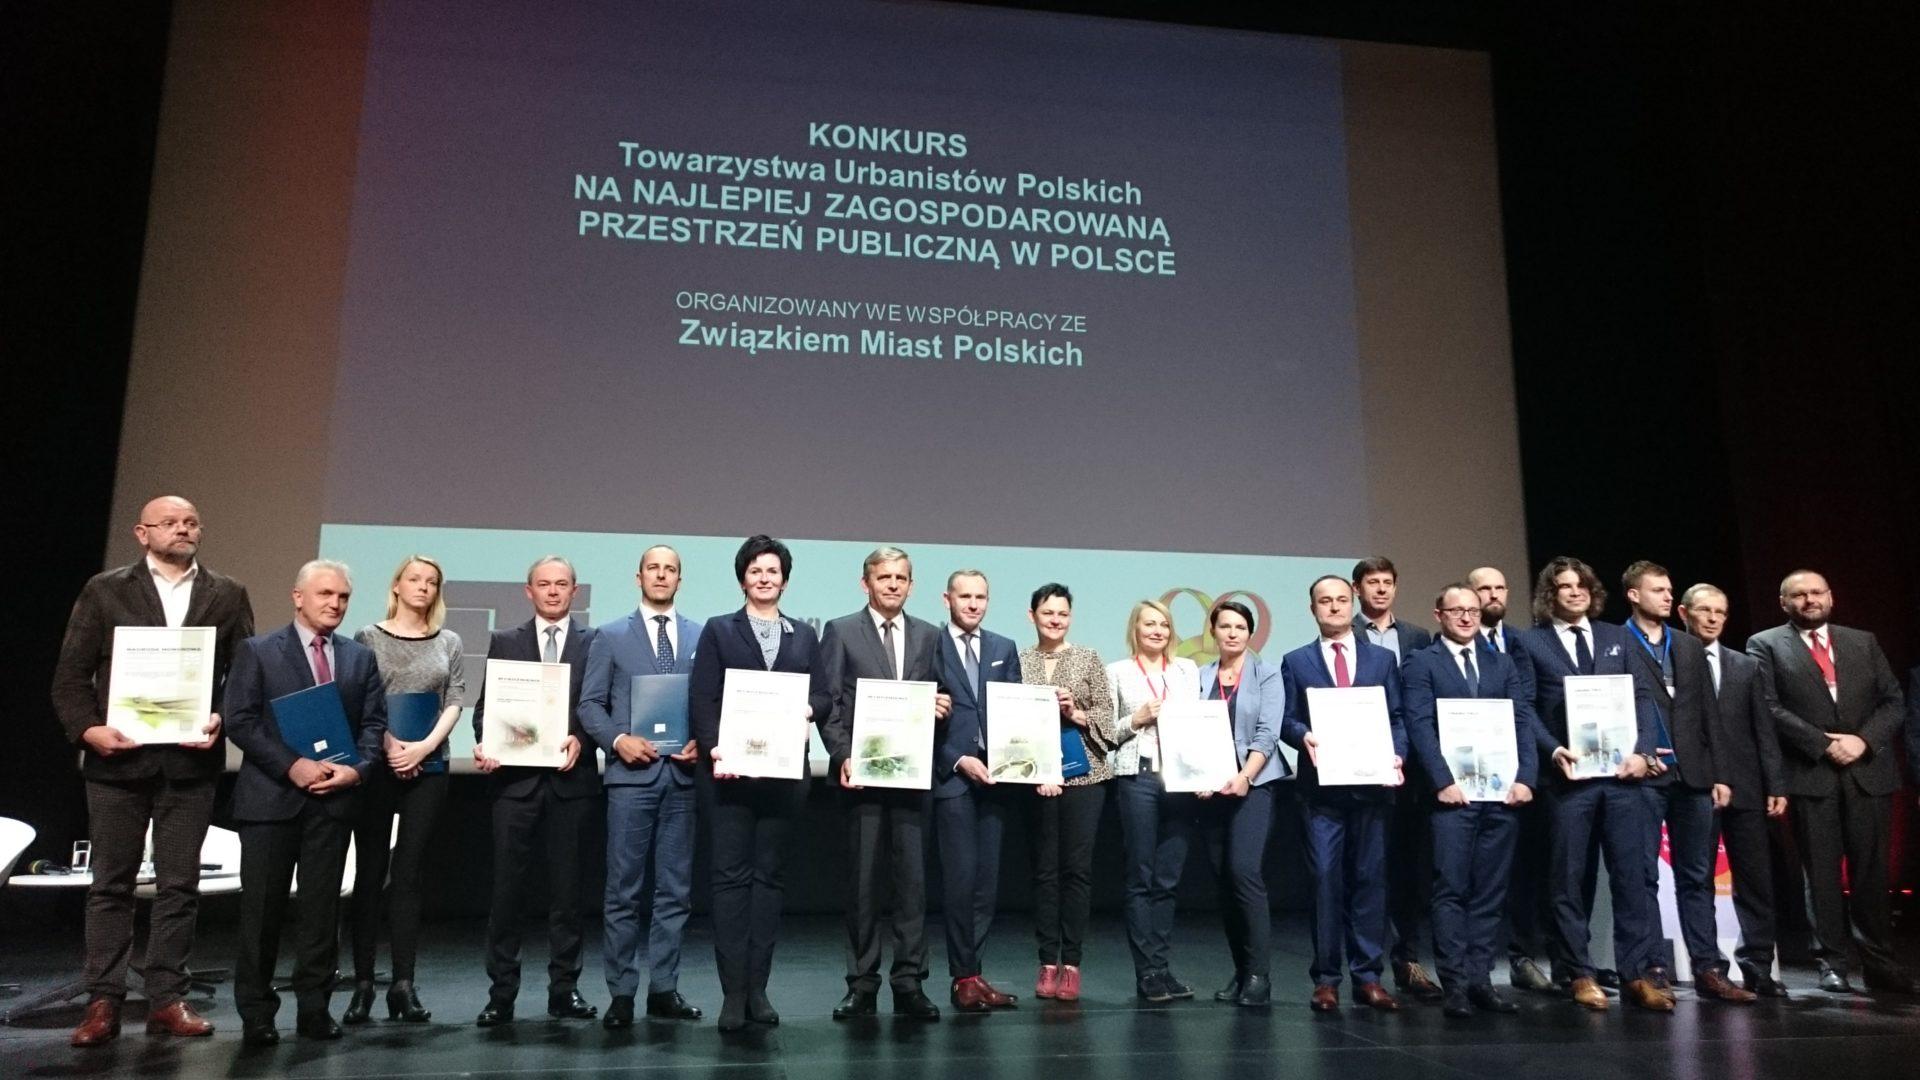 Najlepiej zagospodarowana przestrzeń publiczna w Polsce